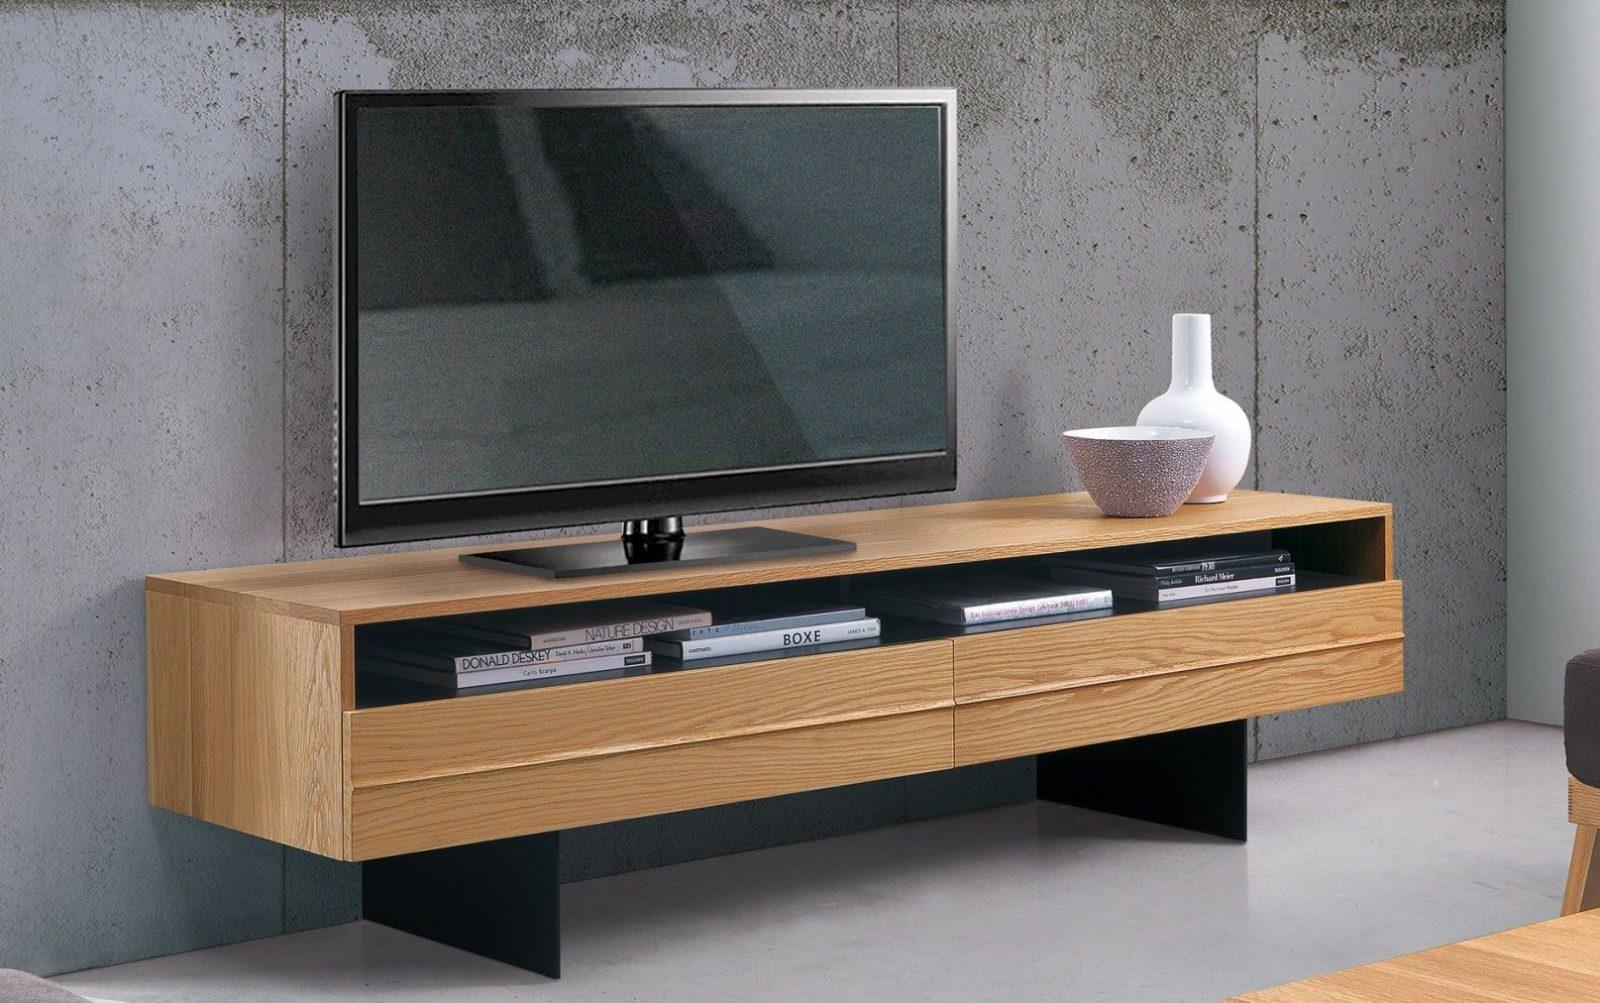 Tv Lowboard Selber Bauen Gi30 Hitoiro Tv Board Hängend Seoru Me Avec von Tv Lowboard Selber Bauen Photo